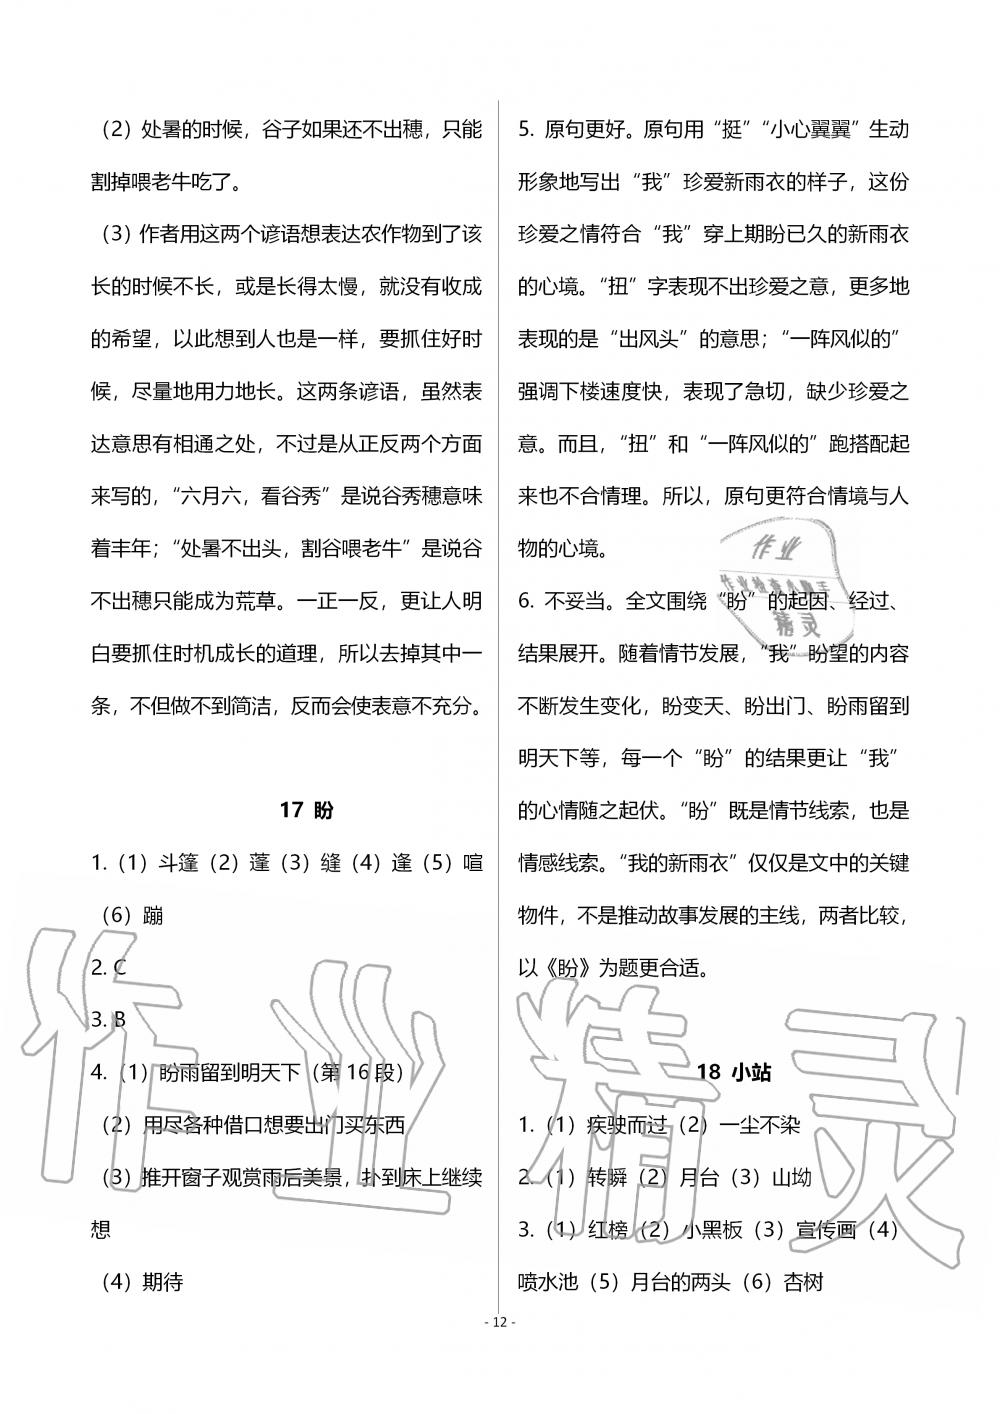 2019年语文练习部分六年级第一学期人教版五四制第12页